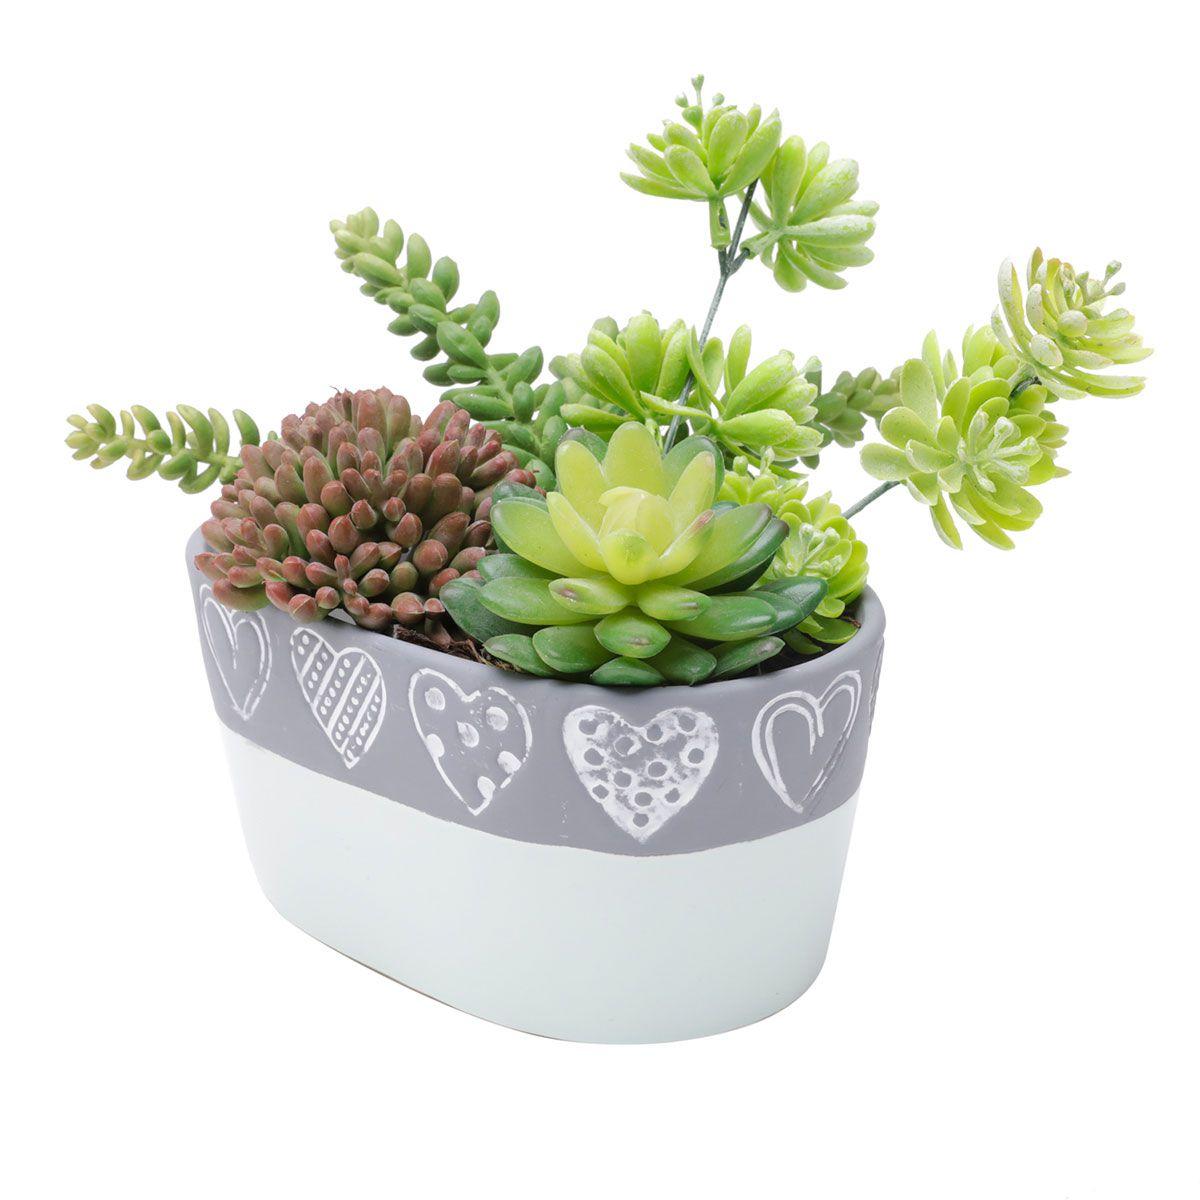 Kit 2 Vasos Concreto Oval Decorativo Coração Verde e Cinza